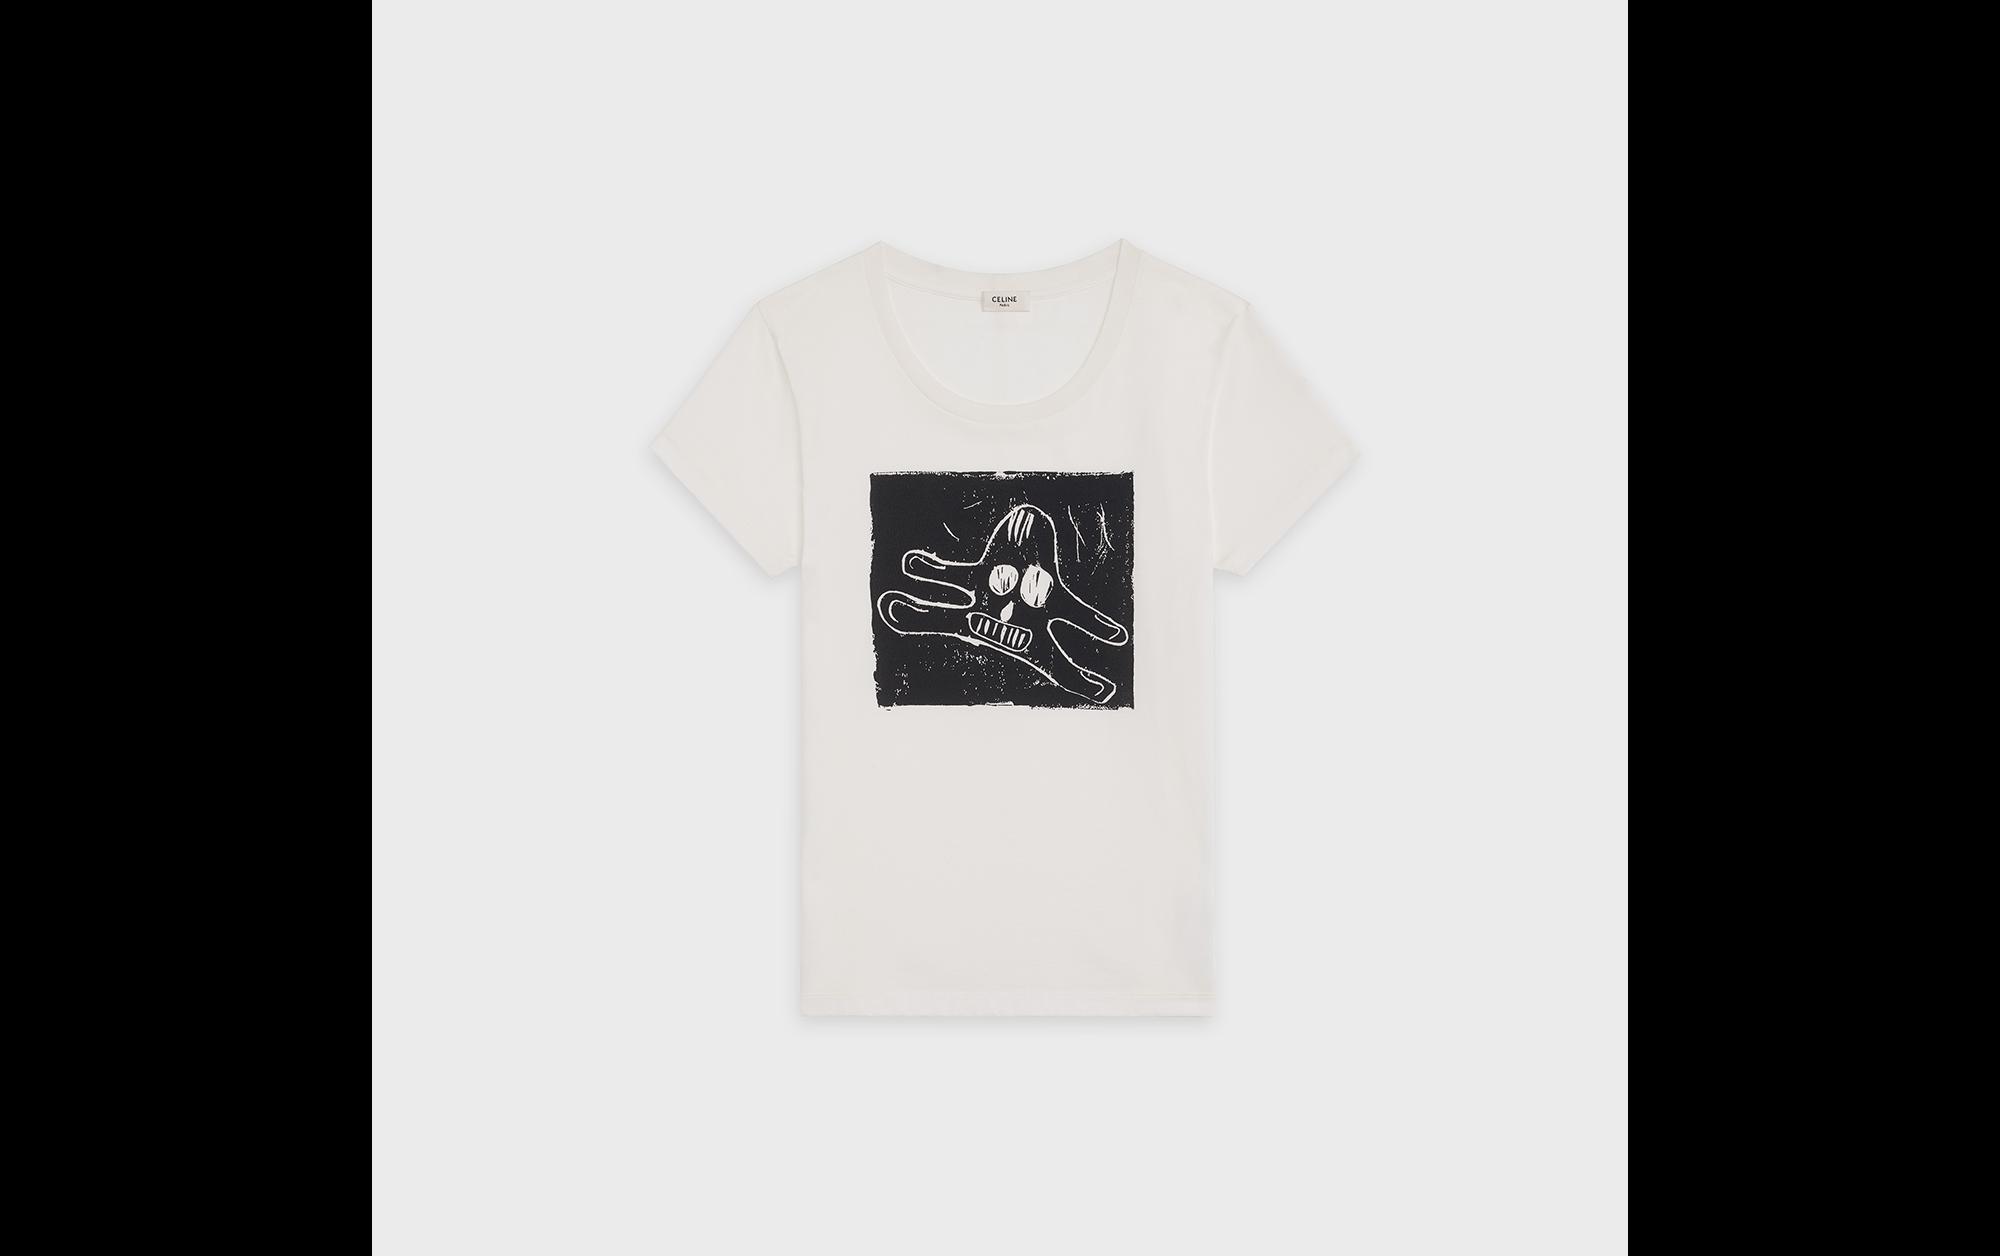 CELINE×Andre Butzer「アートに最も近いデザイナー、エディ・スリマンがアートとのコラボレーションに求めるもの」 | Tシャツ ¥54,000(税抜)